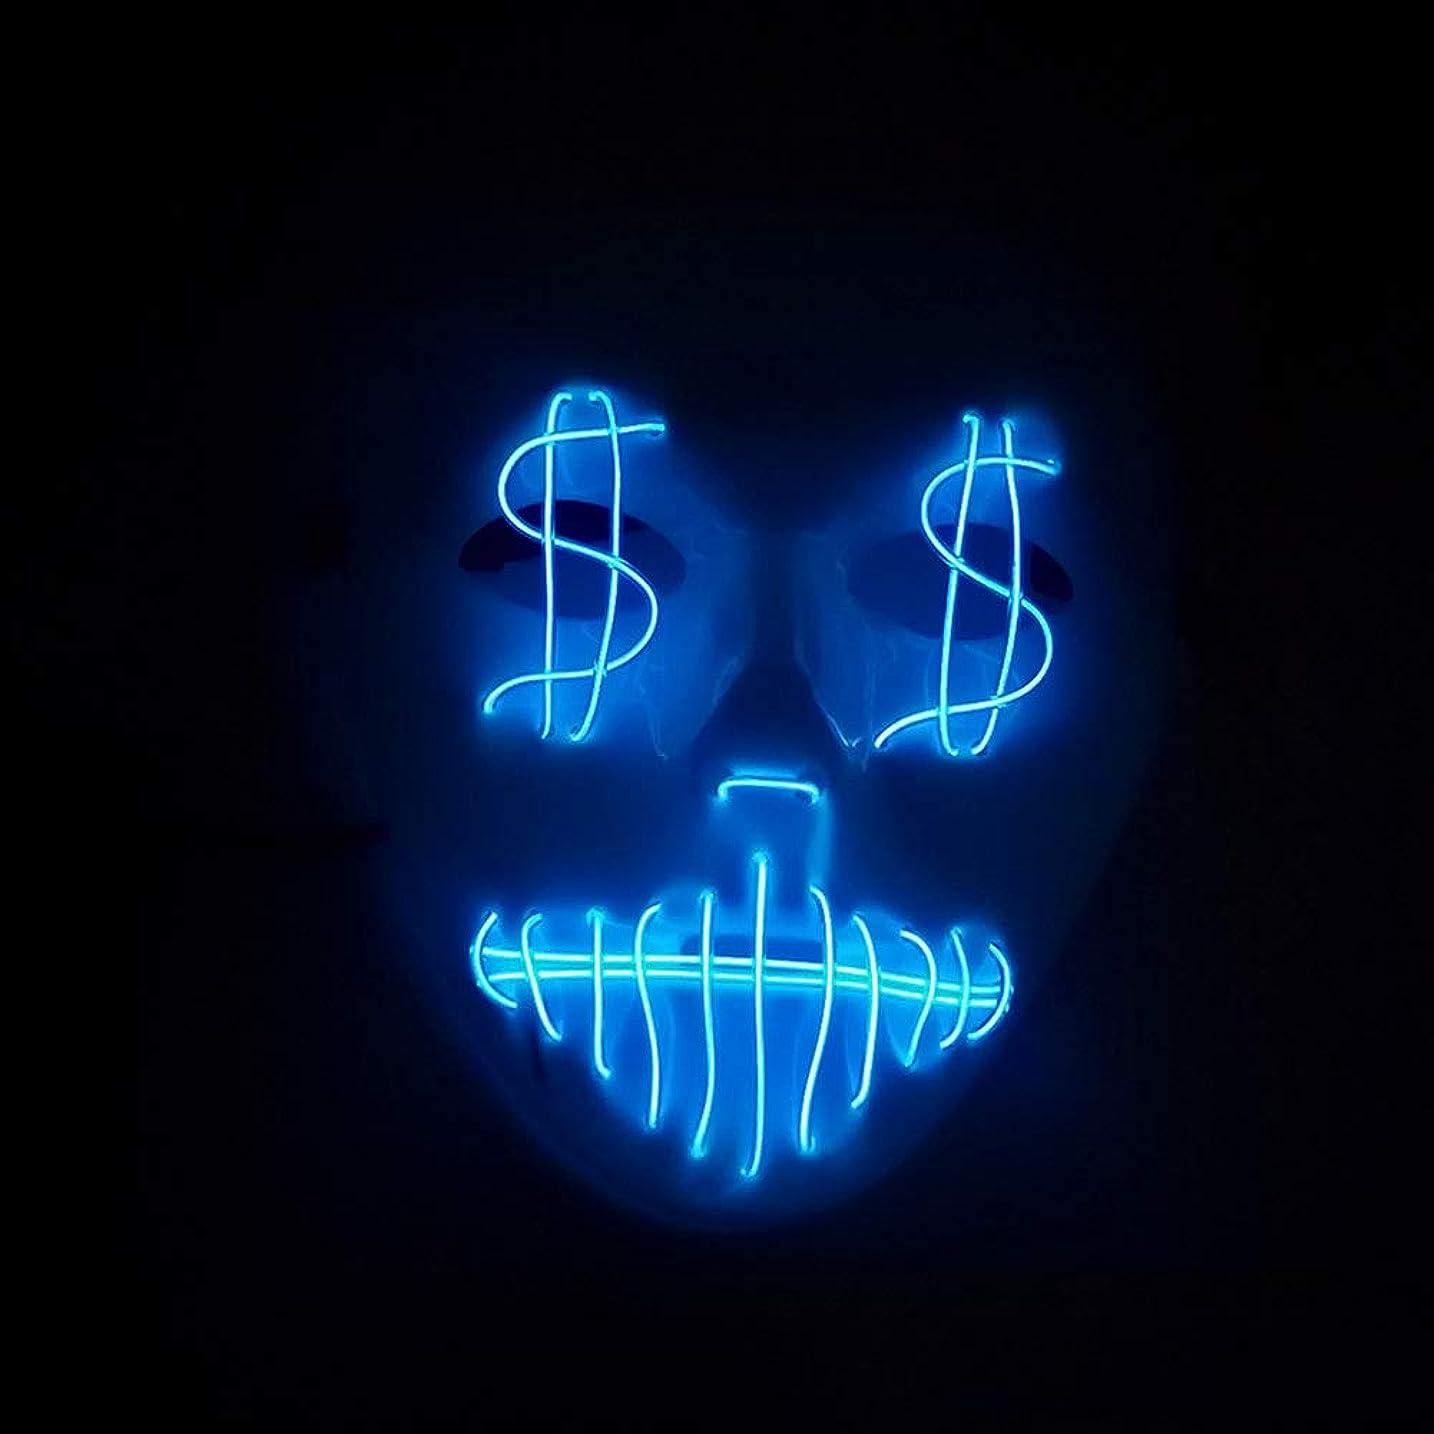 詳細に然とした疑わしいテロ イルミネーション LED マスク 2個 ハロウィン EL ワイヤー ゴールドライン 口を絞る プロム パーティー マスク (18 * 18 * 9センチメートル) MAG.AL